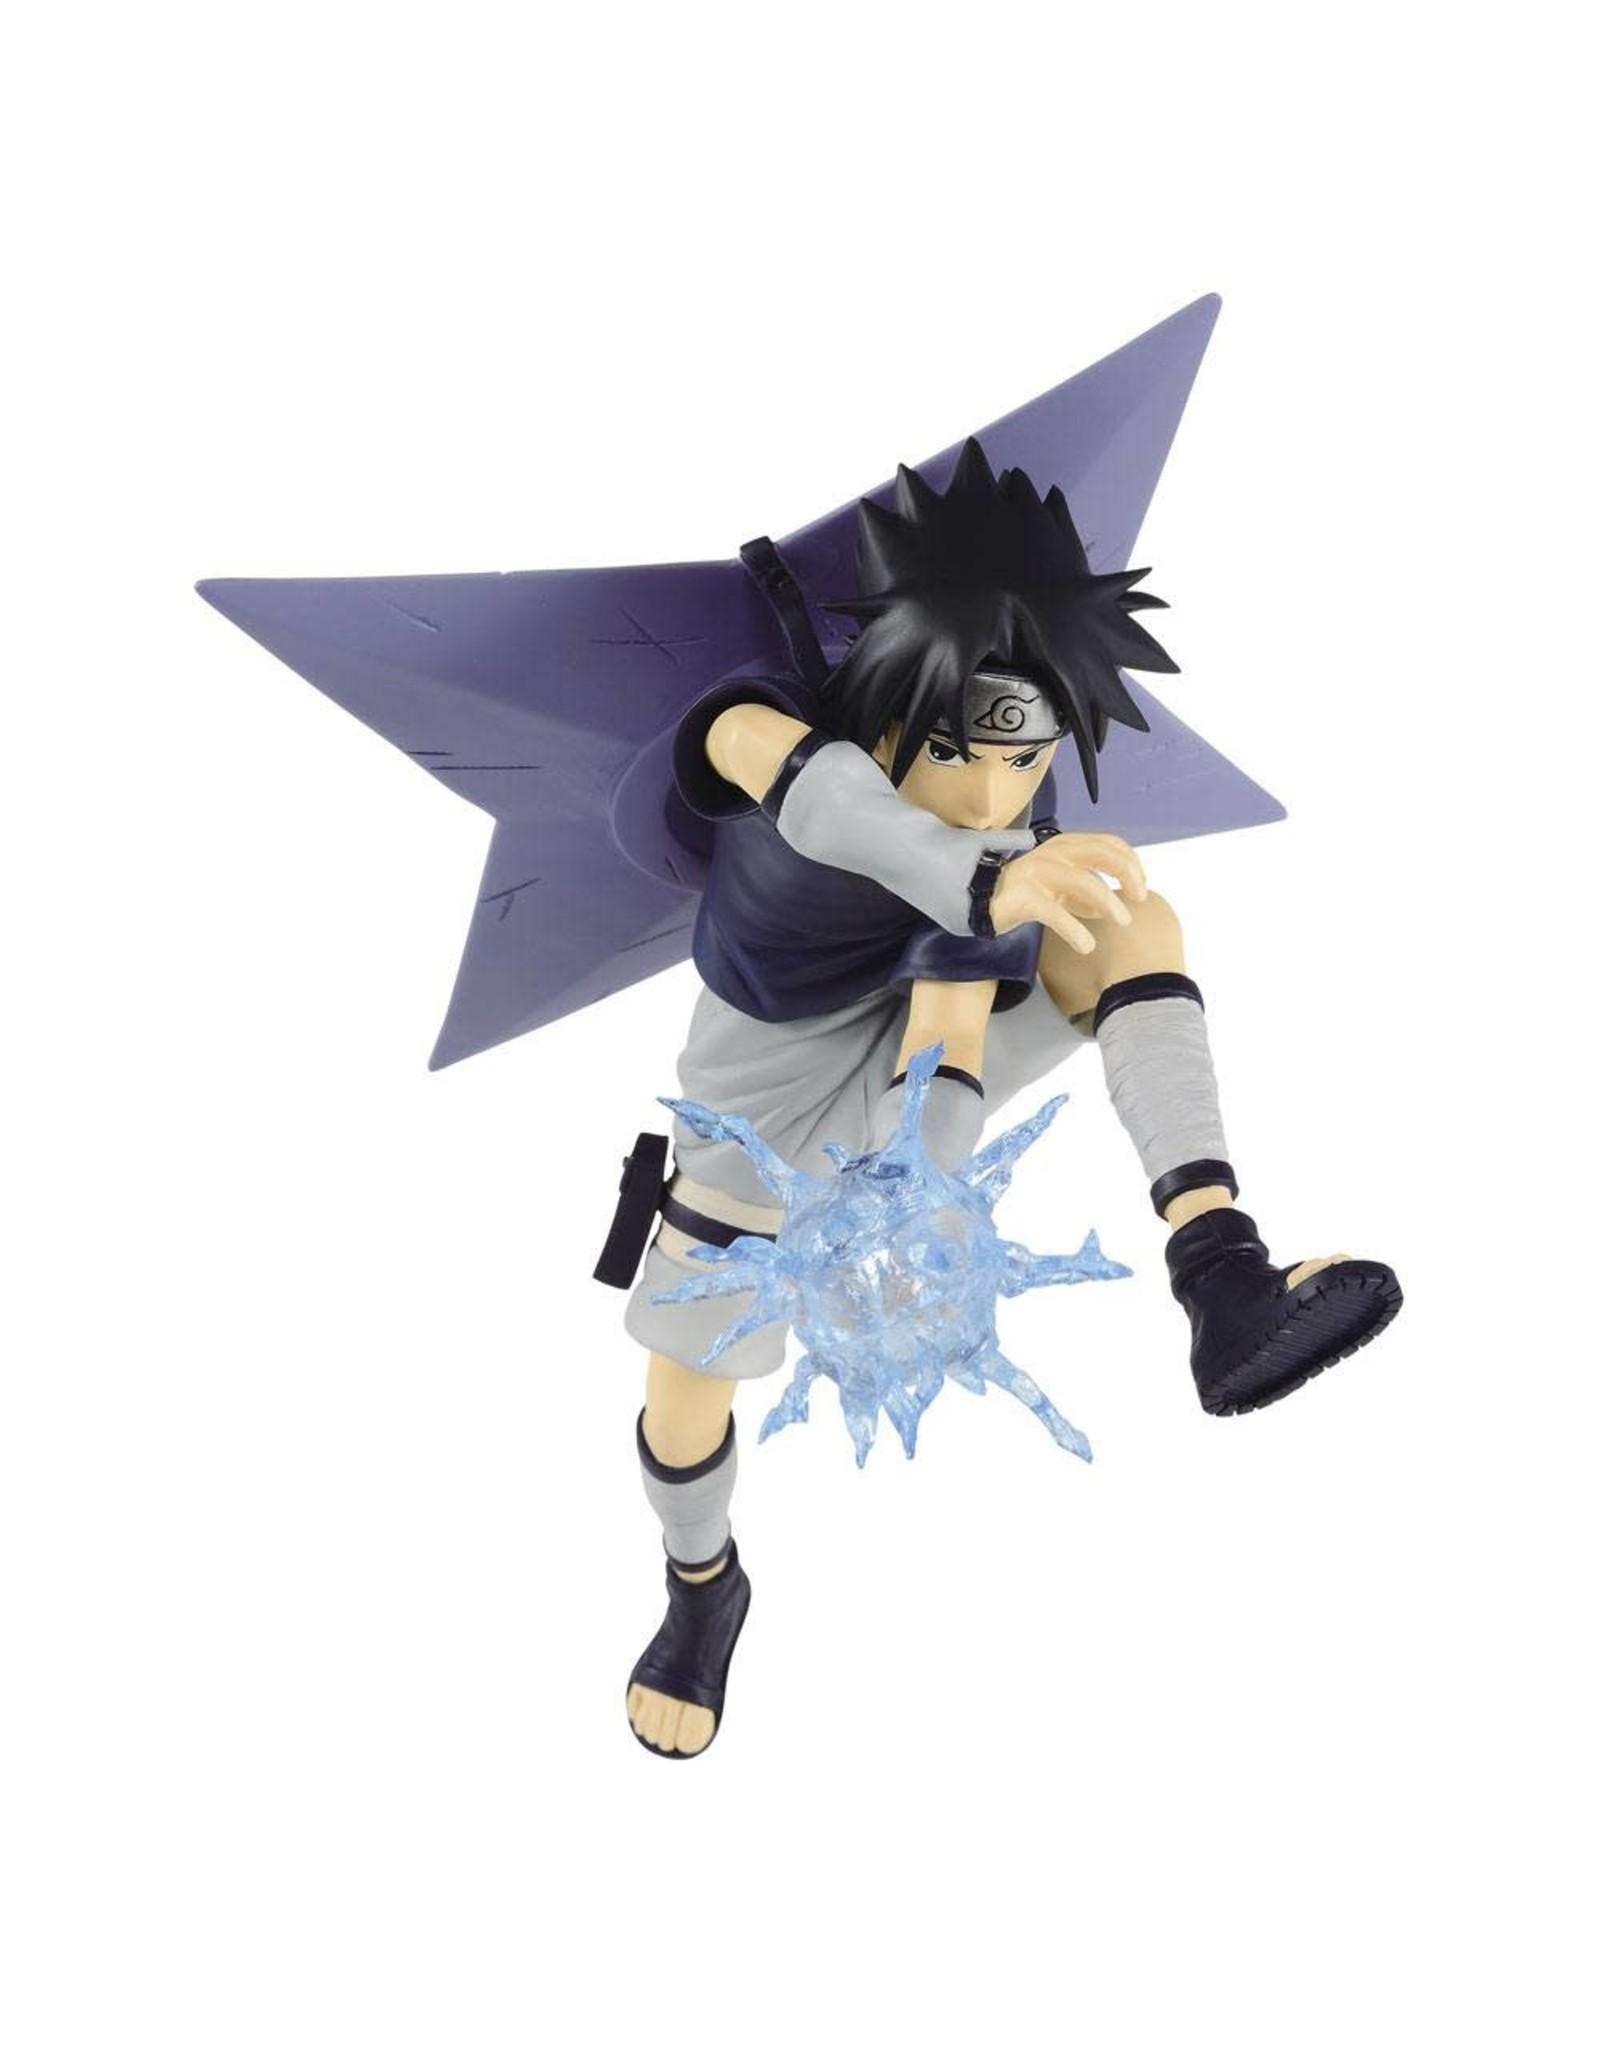 Naruto Shippuden - Uchiha Sasuke - Vibration Stars Figure - 18 cm